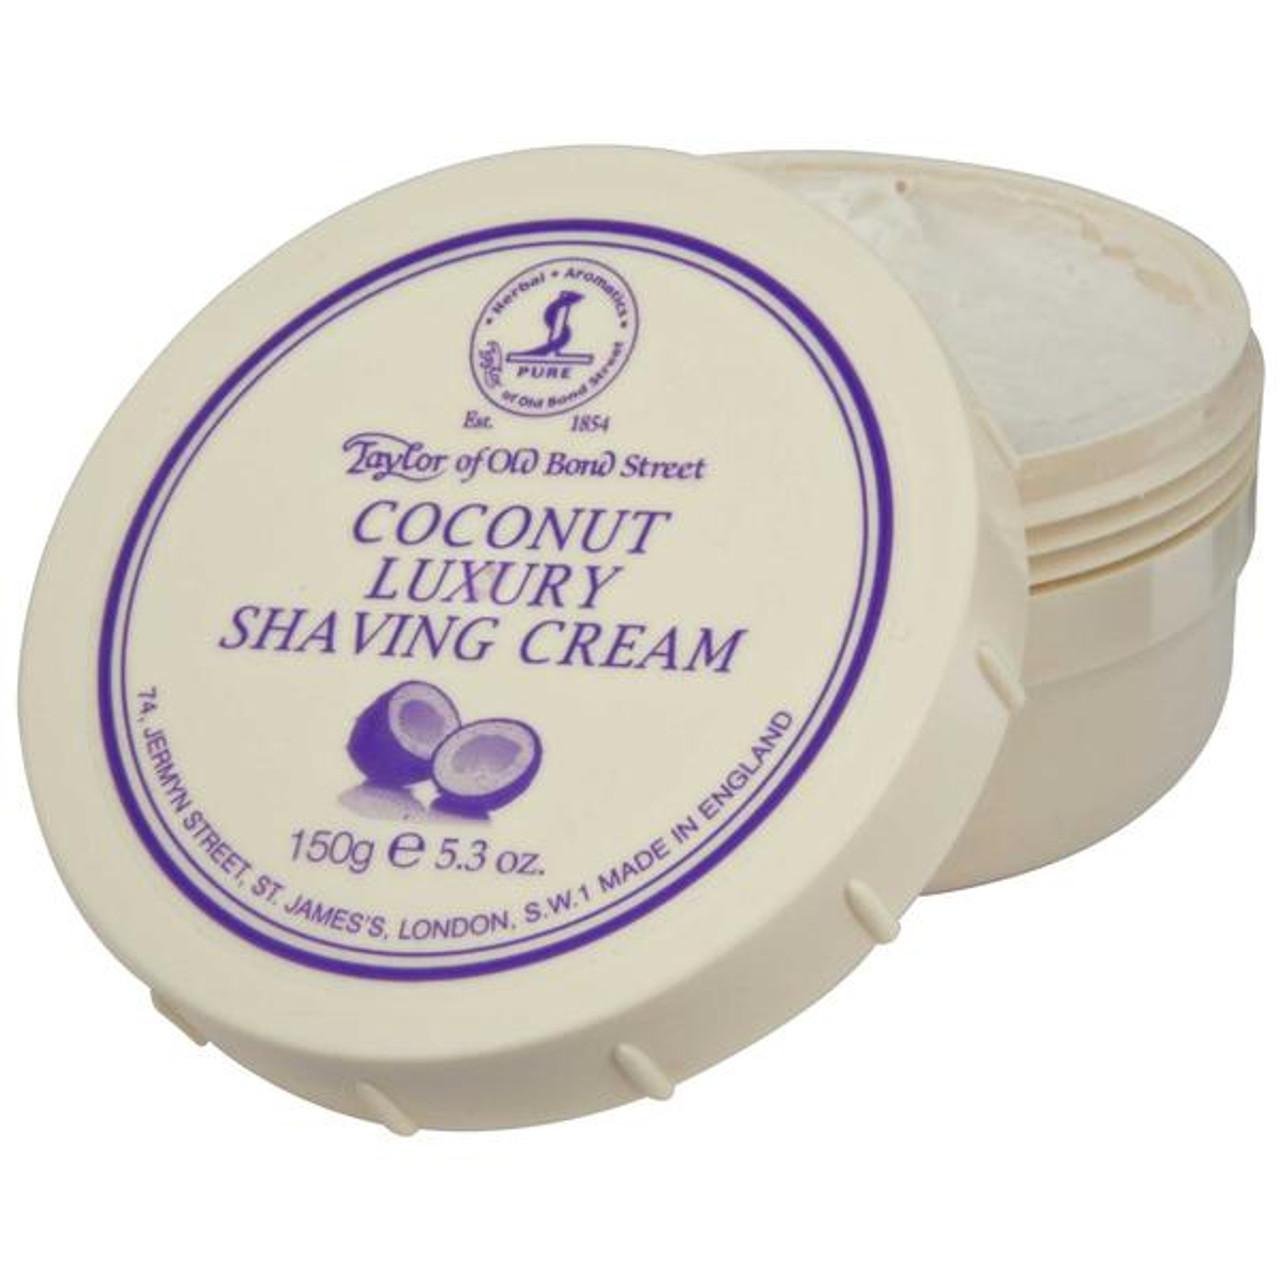 TOOB Coconut Shave Cream 5.3oz